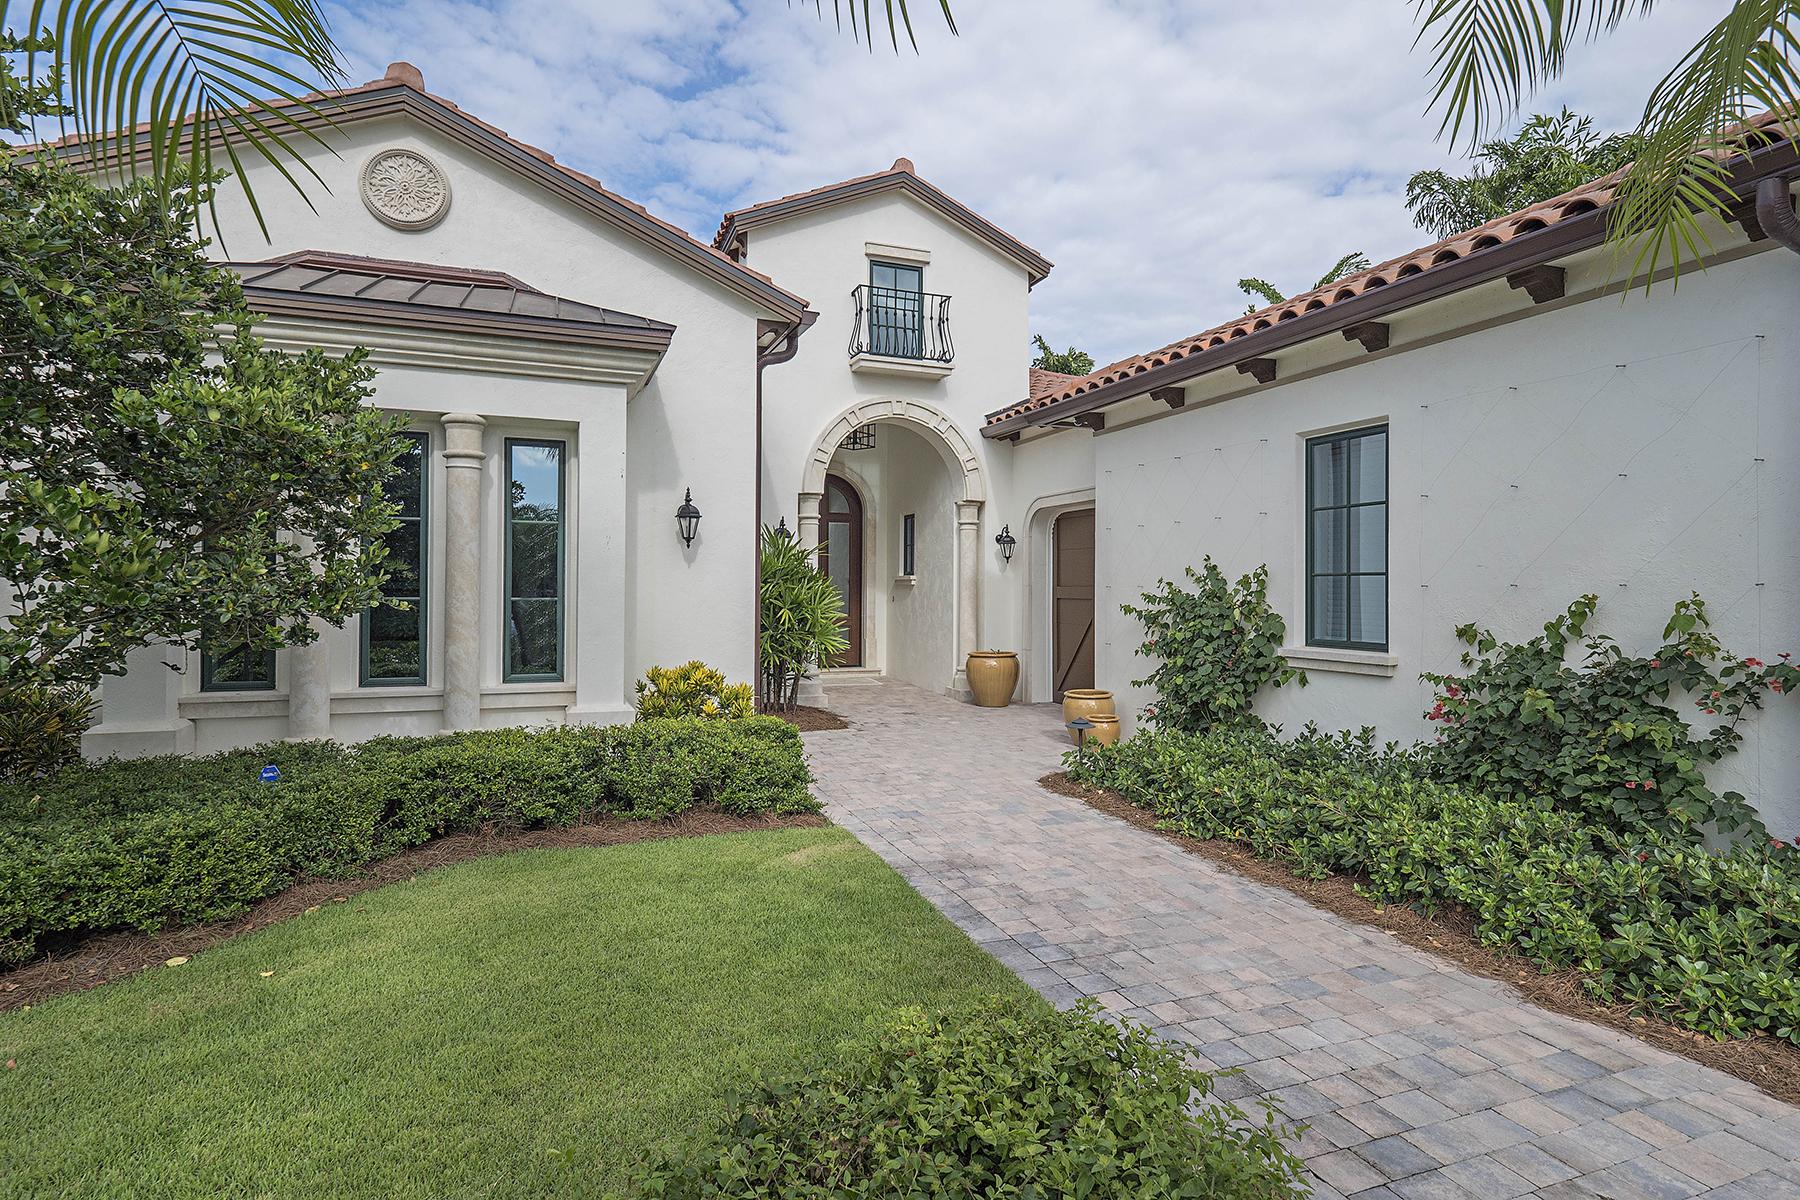 단독 가정 주택 용 매매 에 GREY OAKS - ESTUARY AT GREY OAKS 1516 Marsh Wren Ln Naples, 플로리다 34105 미국